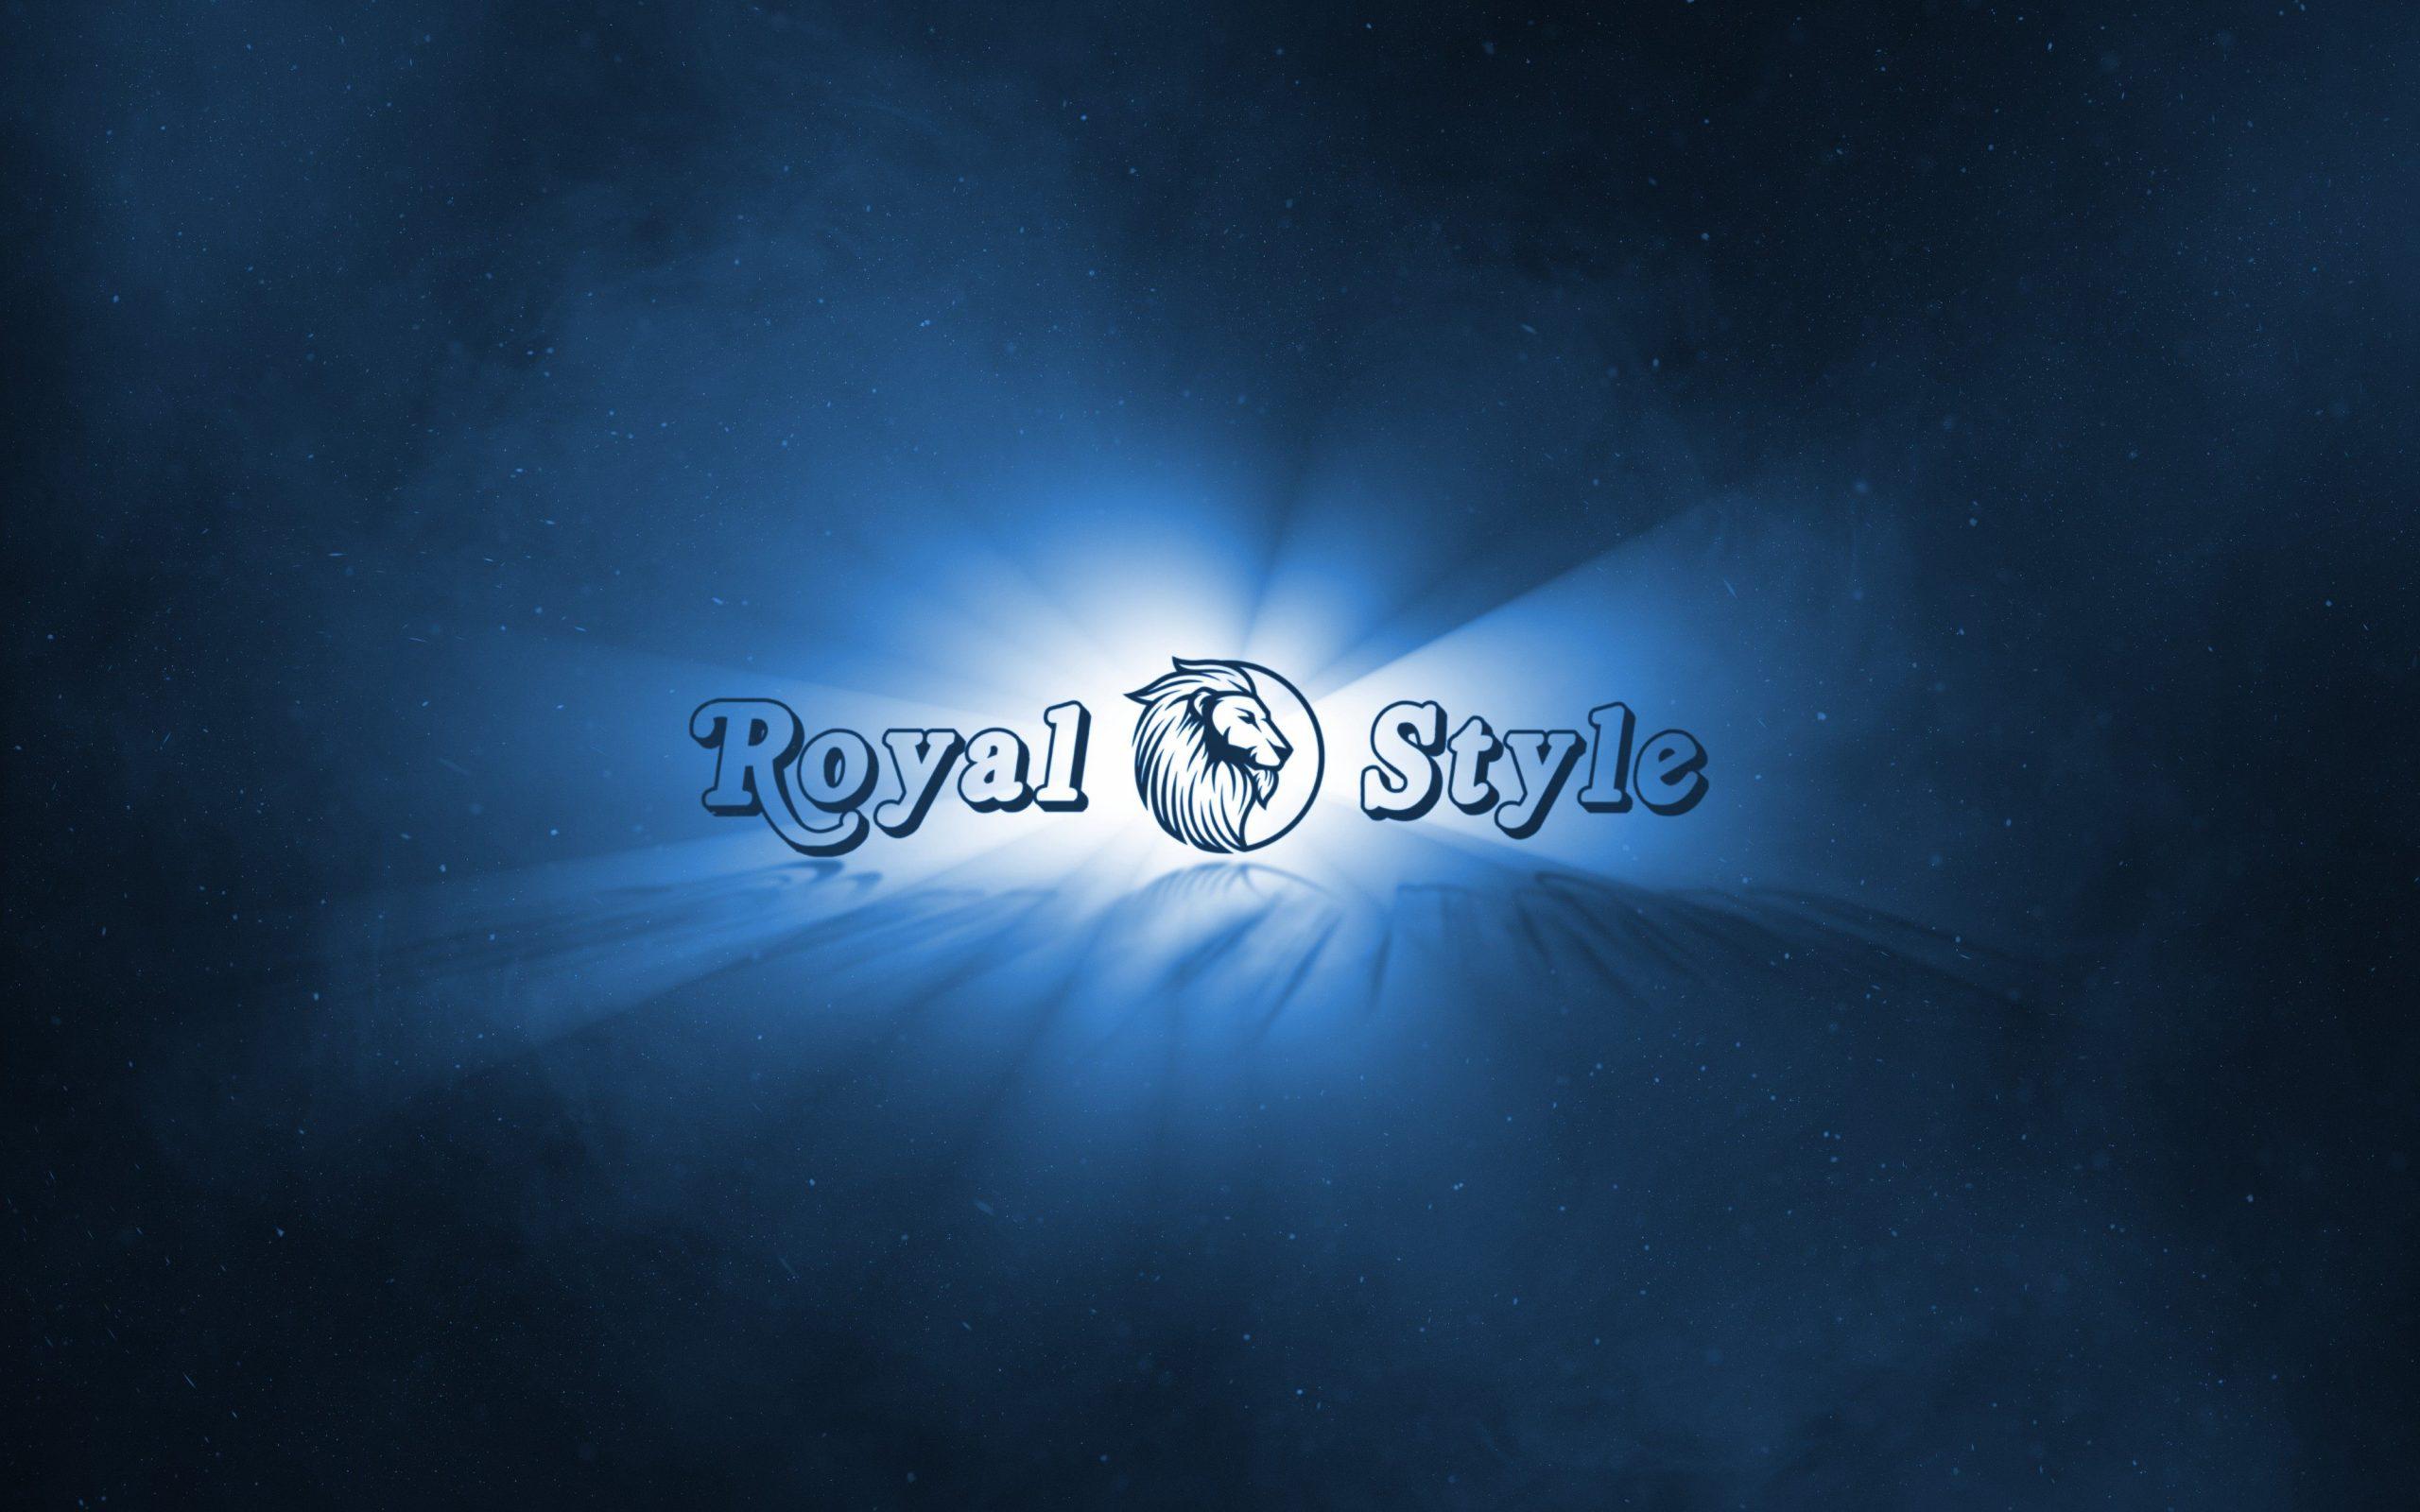 """Розробка логотипу для Інтернет магазину """"Вітаміни та харчування Royal Style"""""""